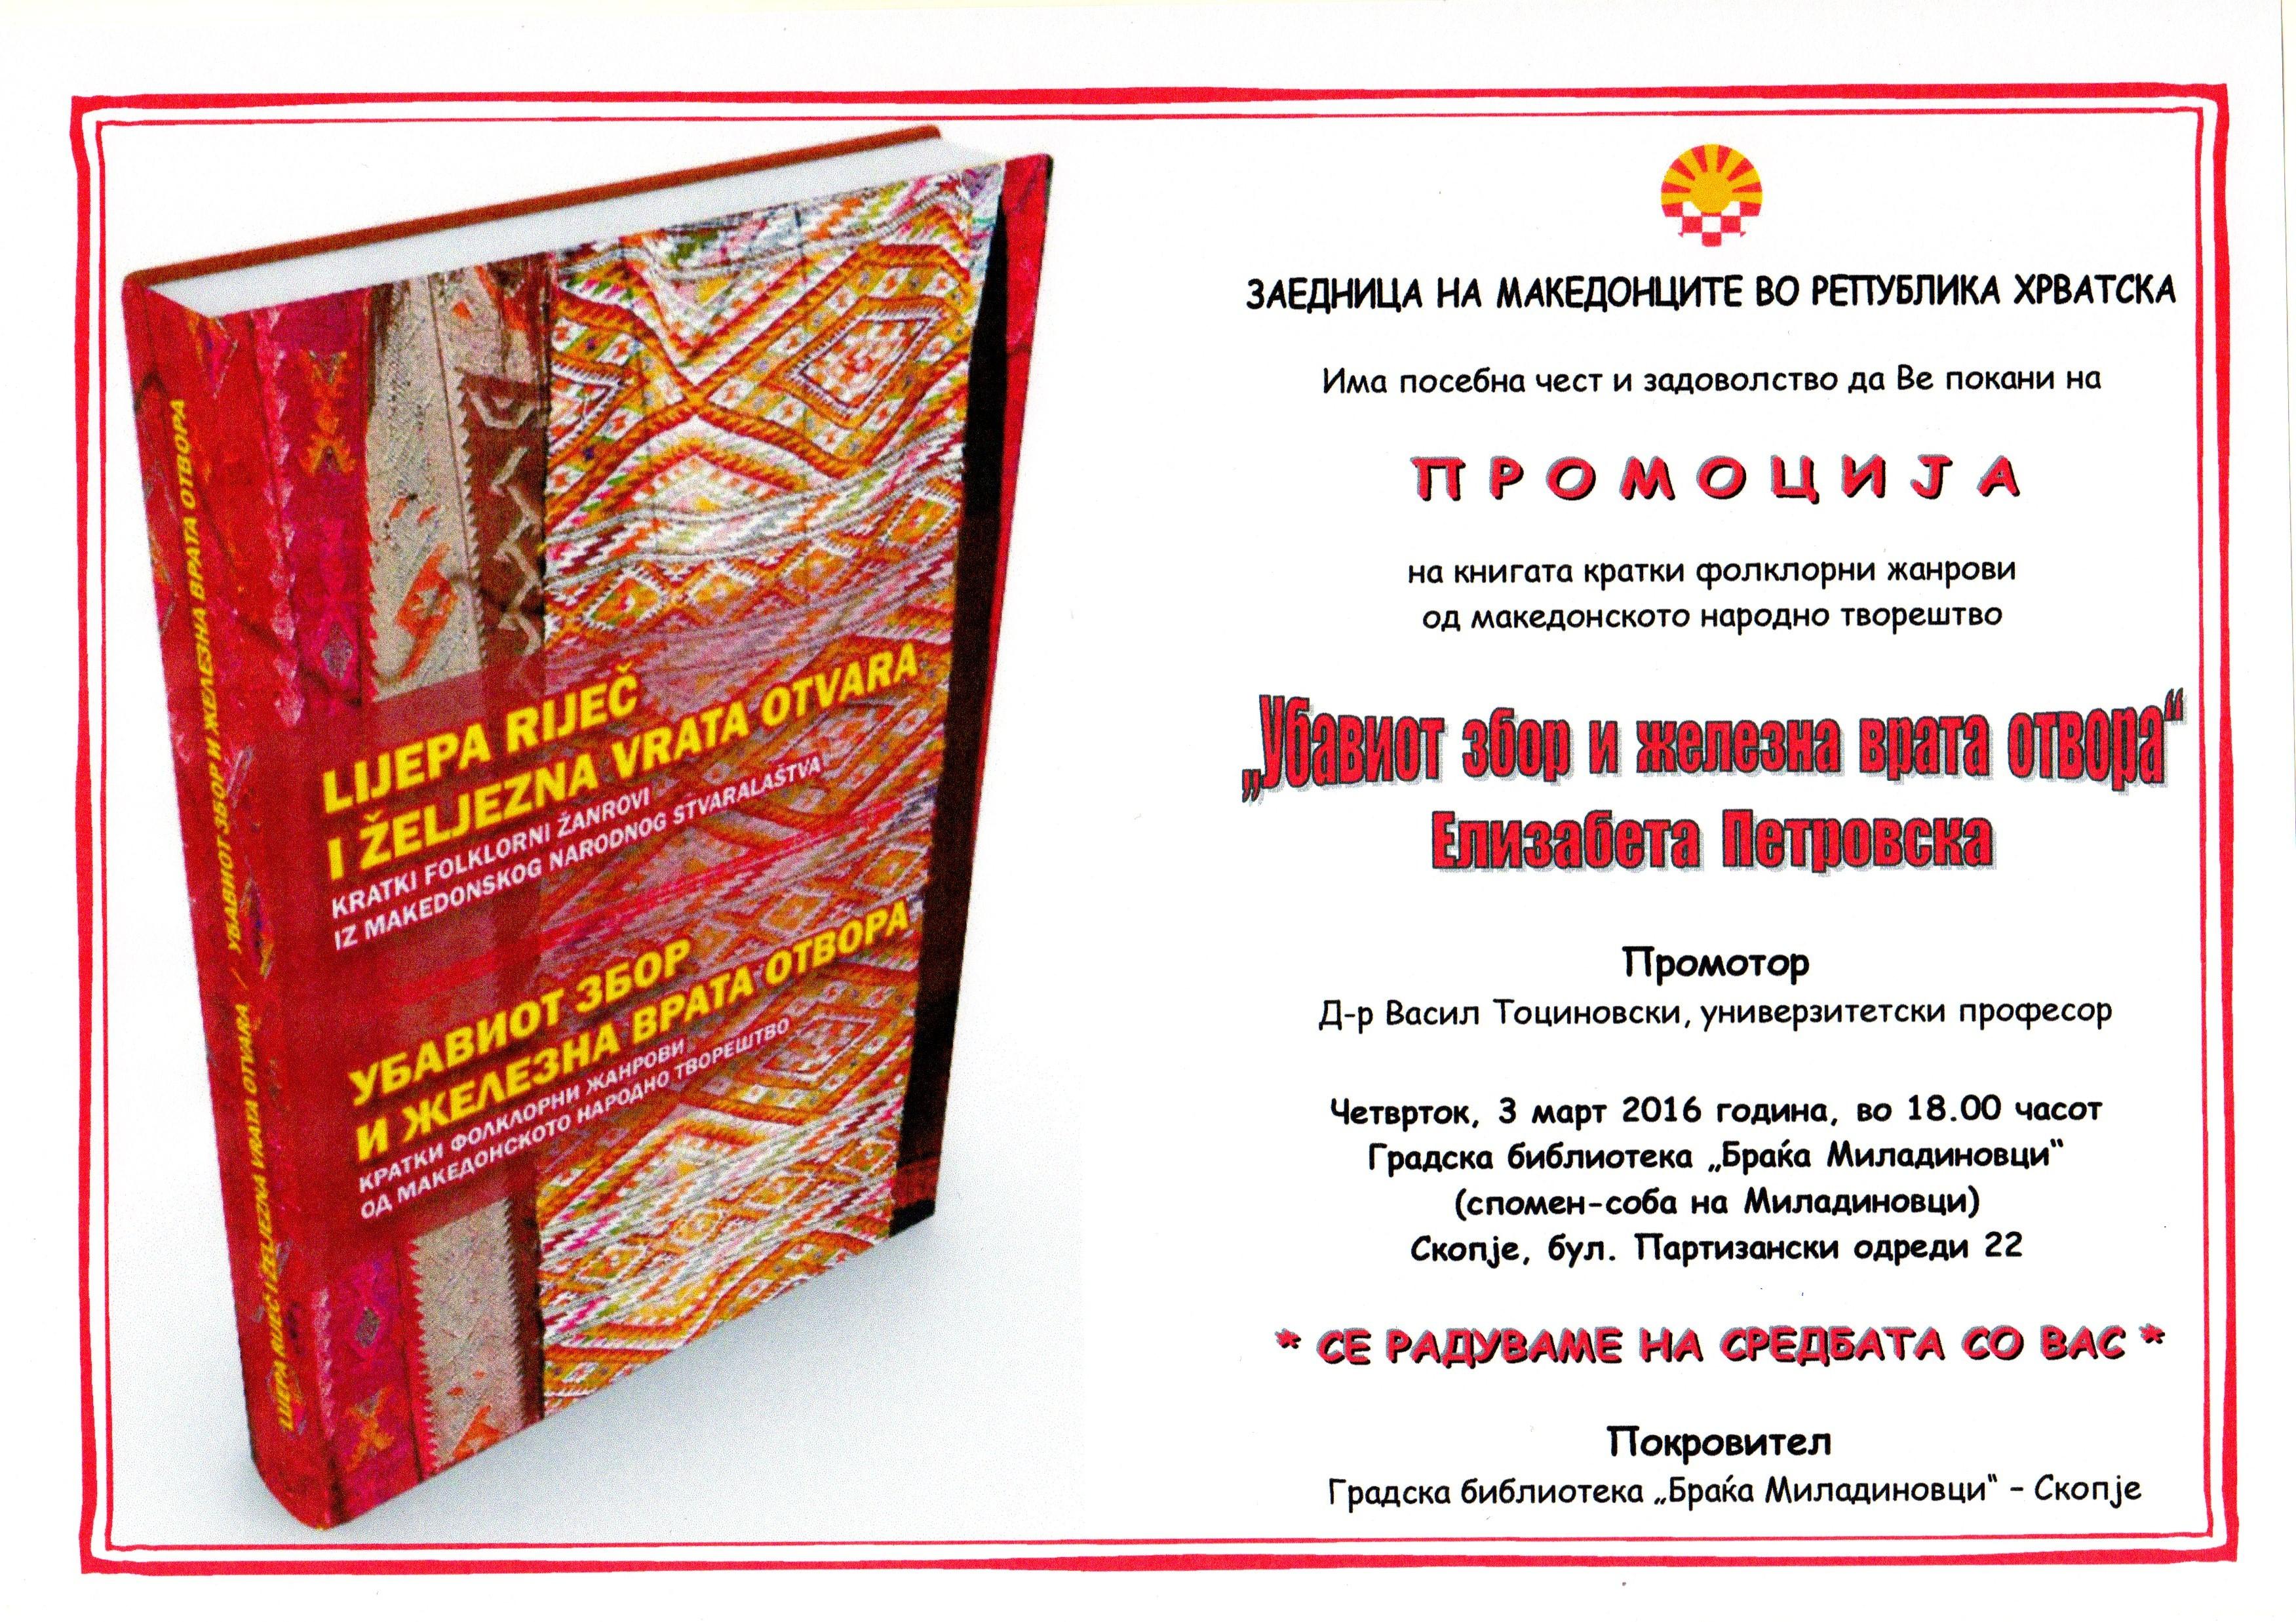 Promocija: Lijepa riječ i željezna vrata otvara – Elizabeta Petrovska